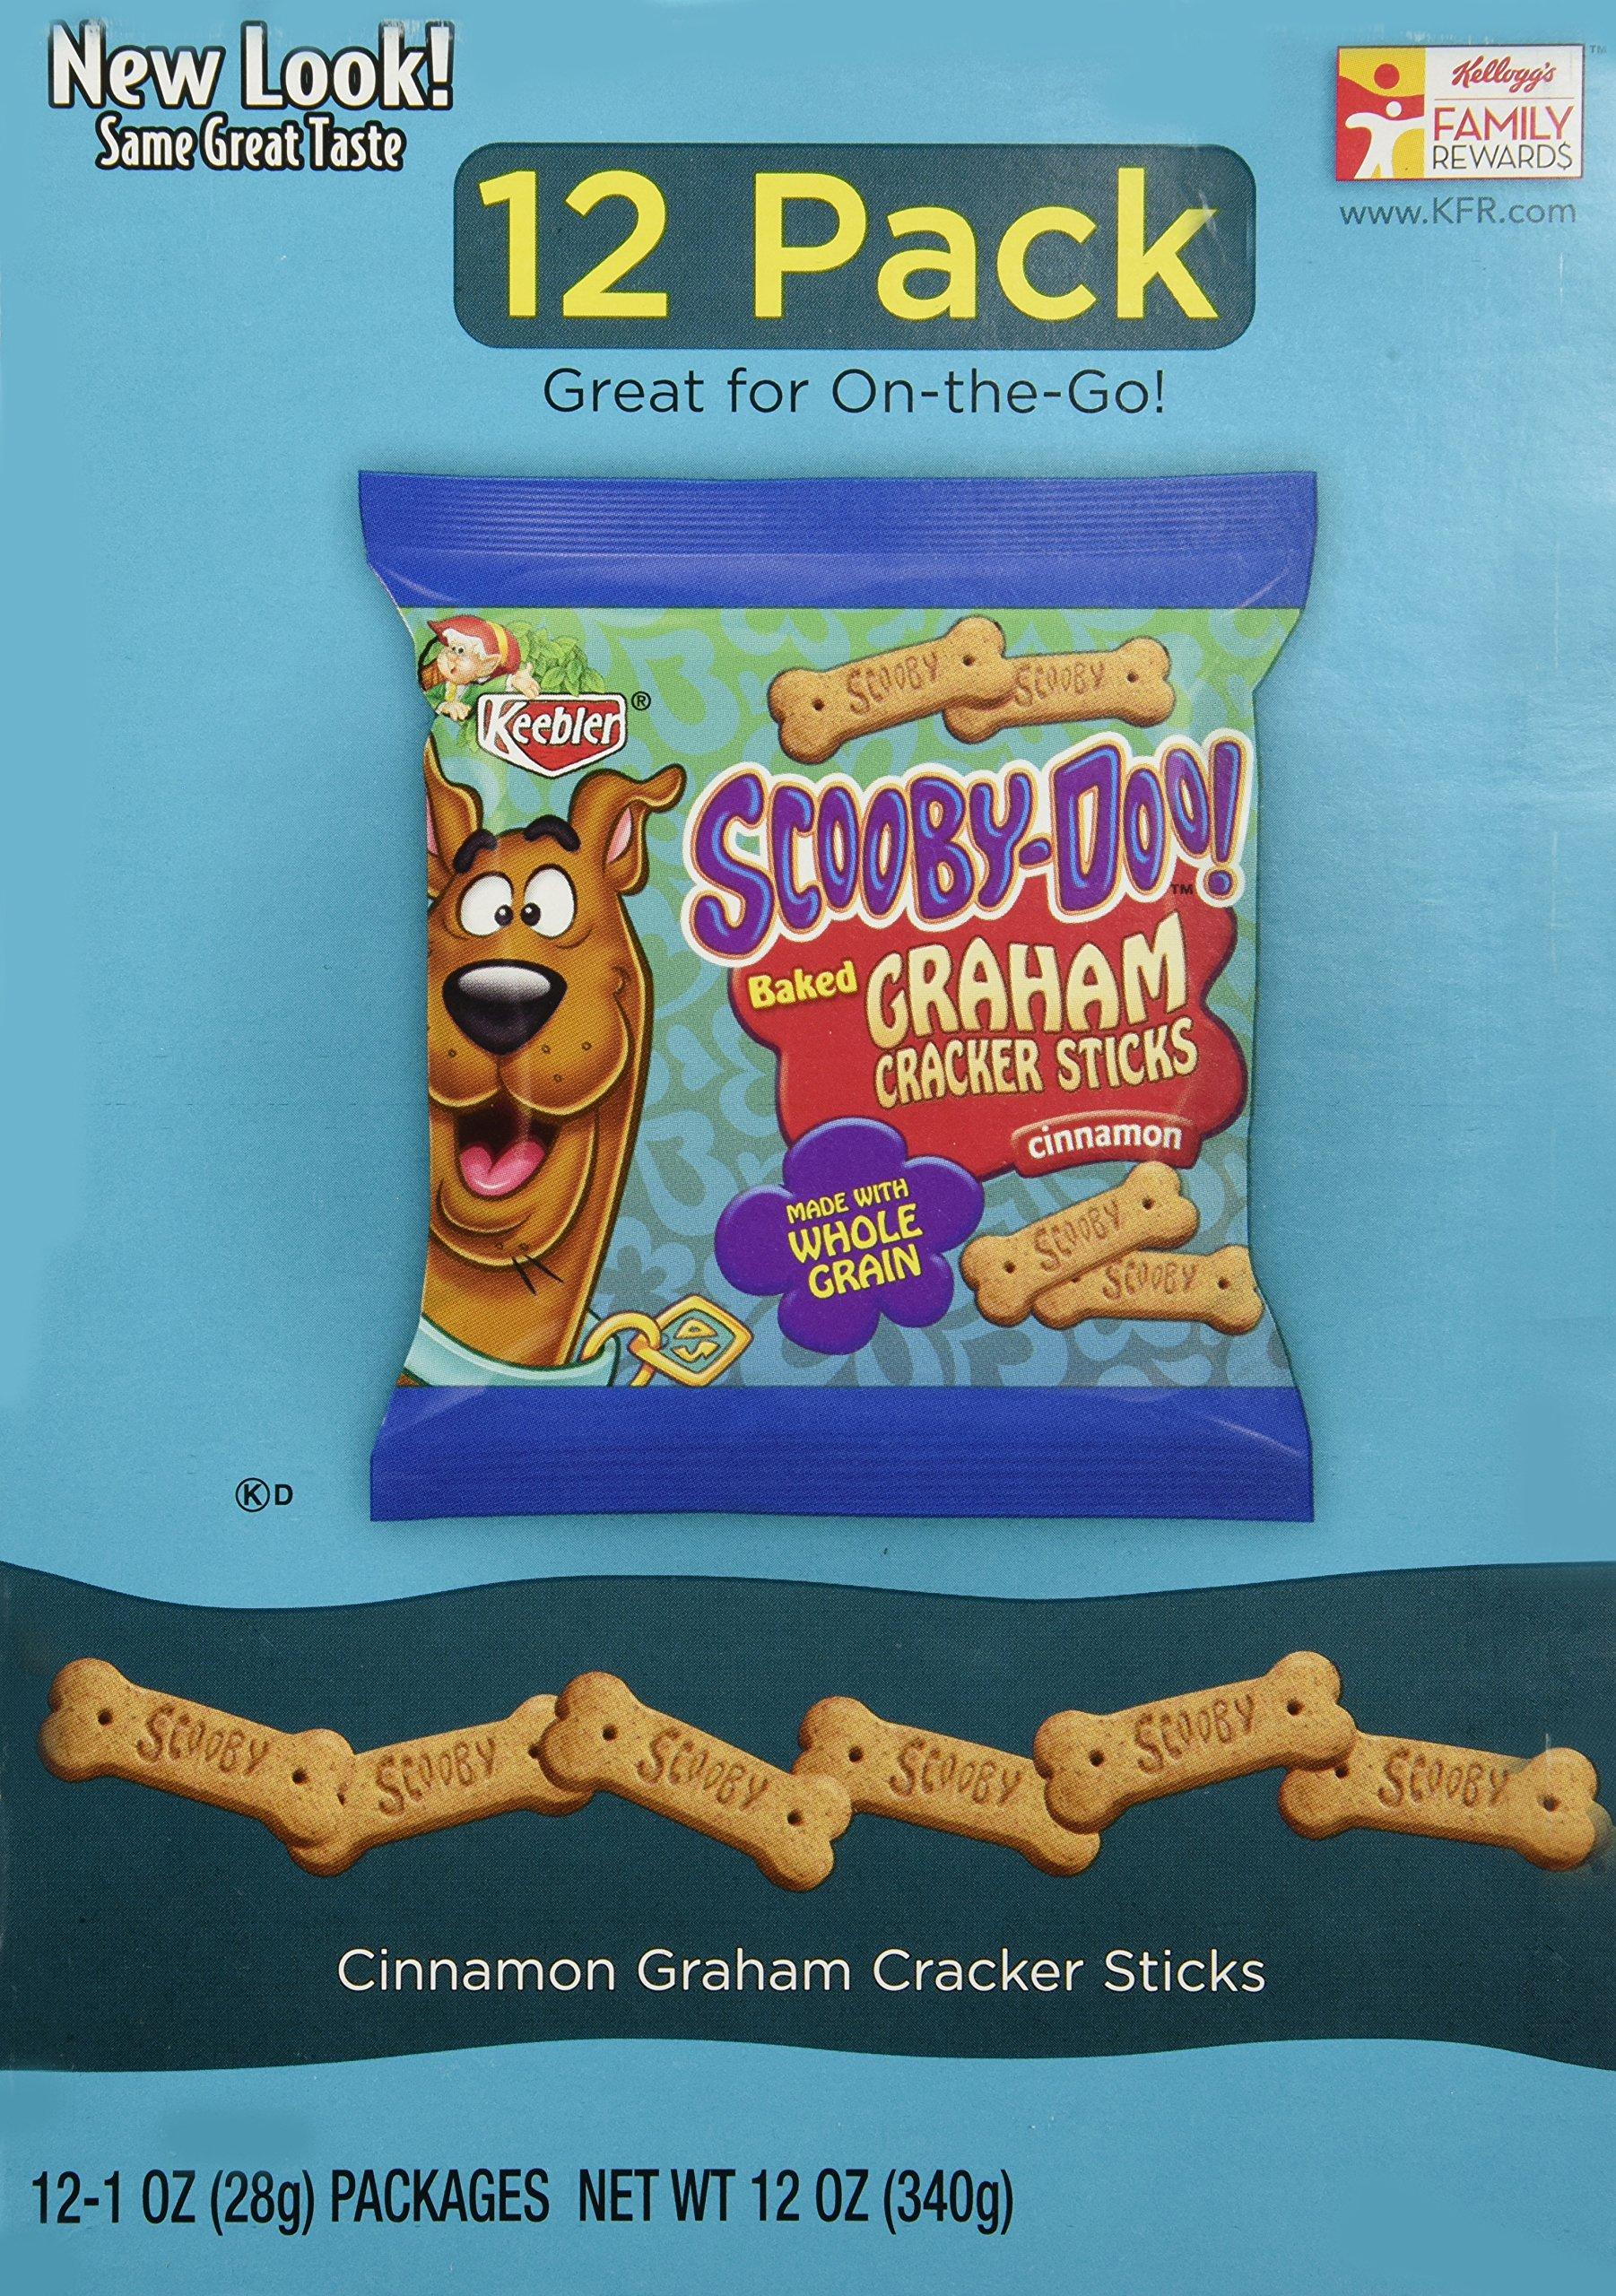 Keebler Scooby-Doo Graham Cracker Sticks, Cinnamon, 12 ct